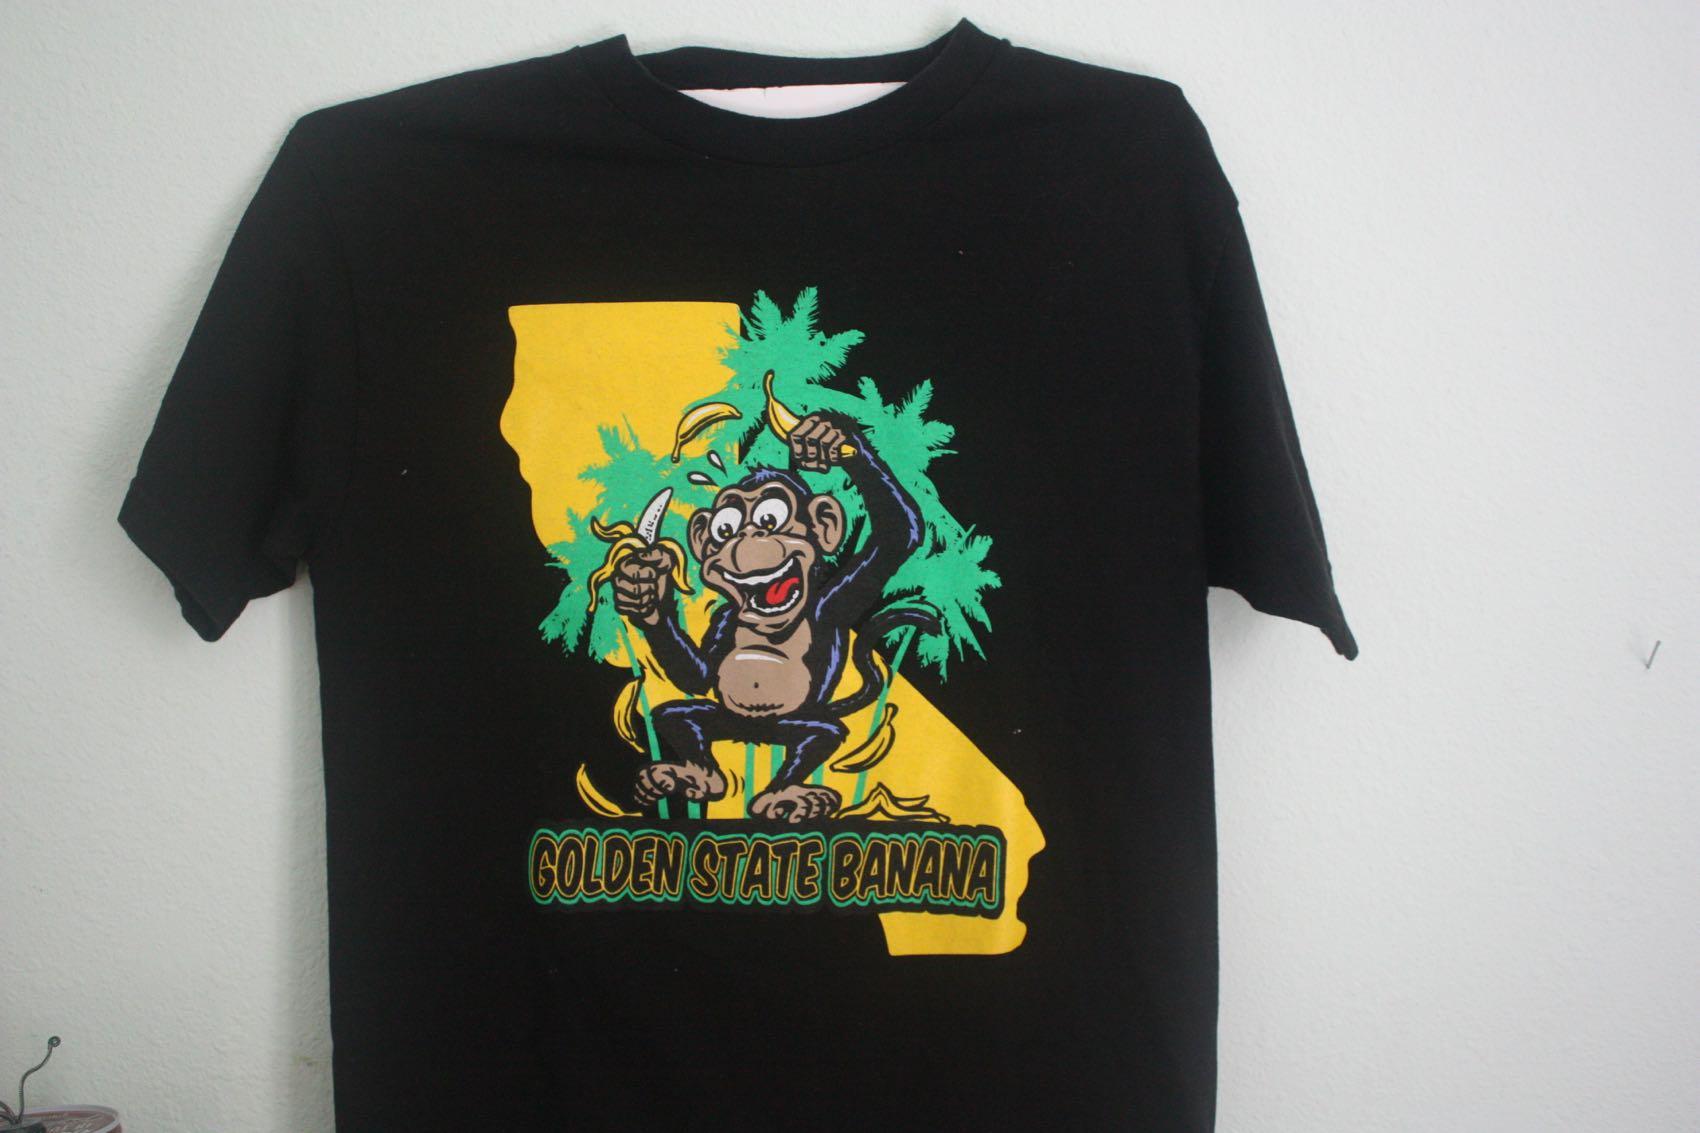 Golden State Banana